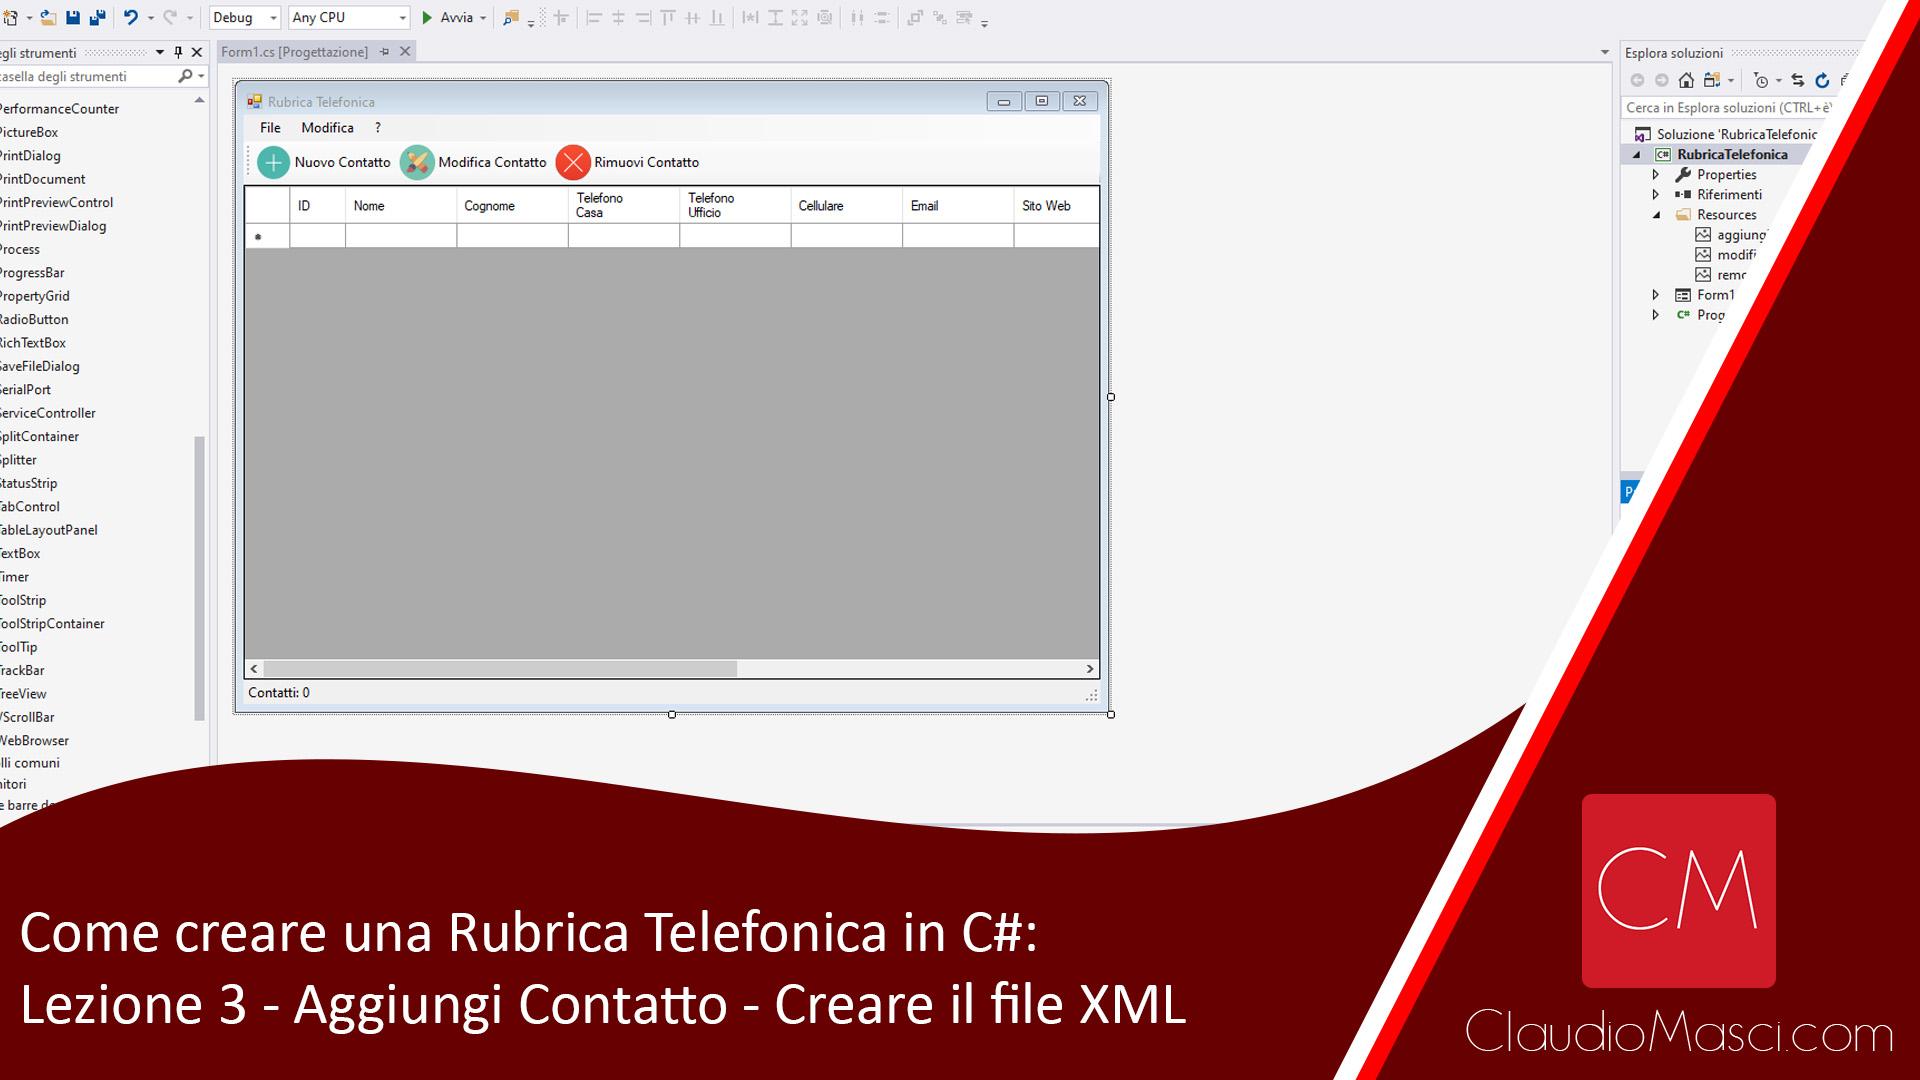 Come creare una Rubrica Telefonica in C# - Lezione 3 - Nuovo Contatto - Parte2 - Creare il File XMLjpg